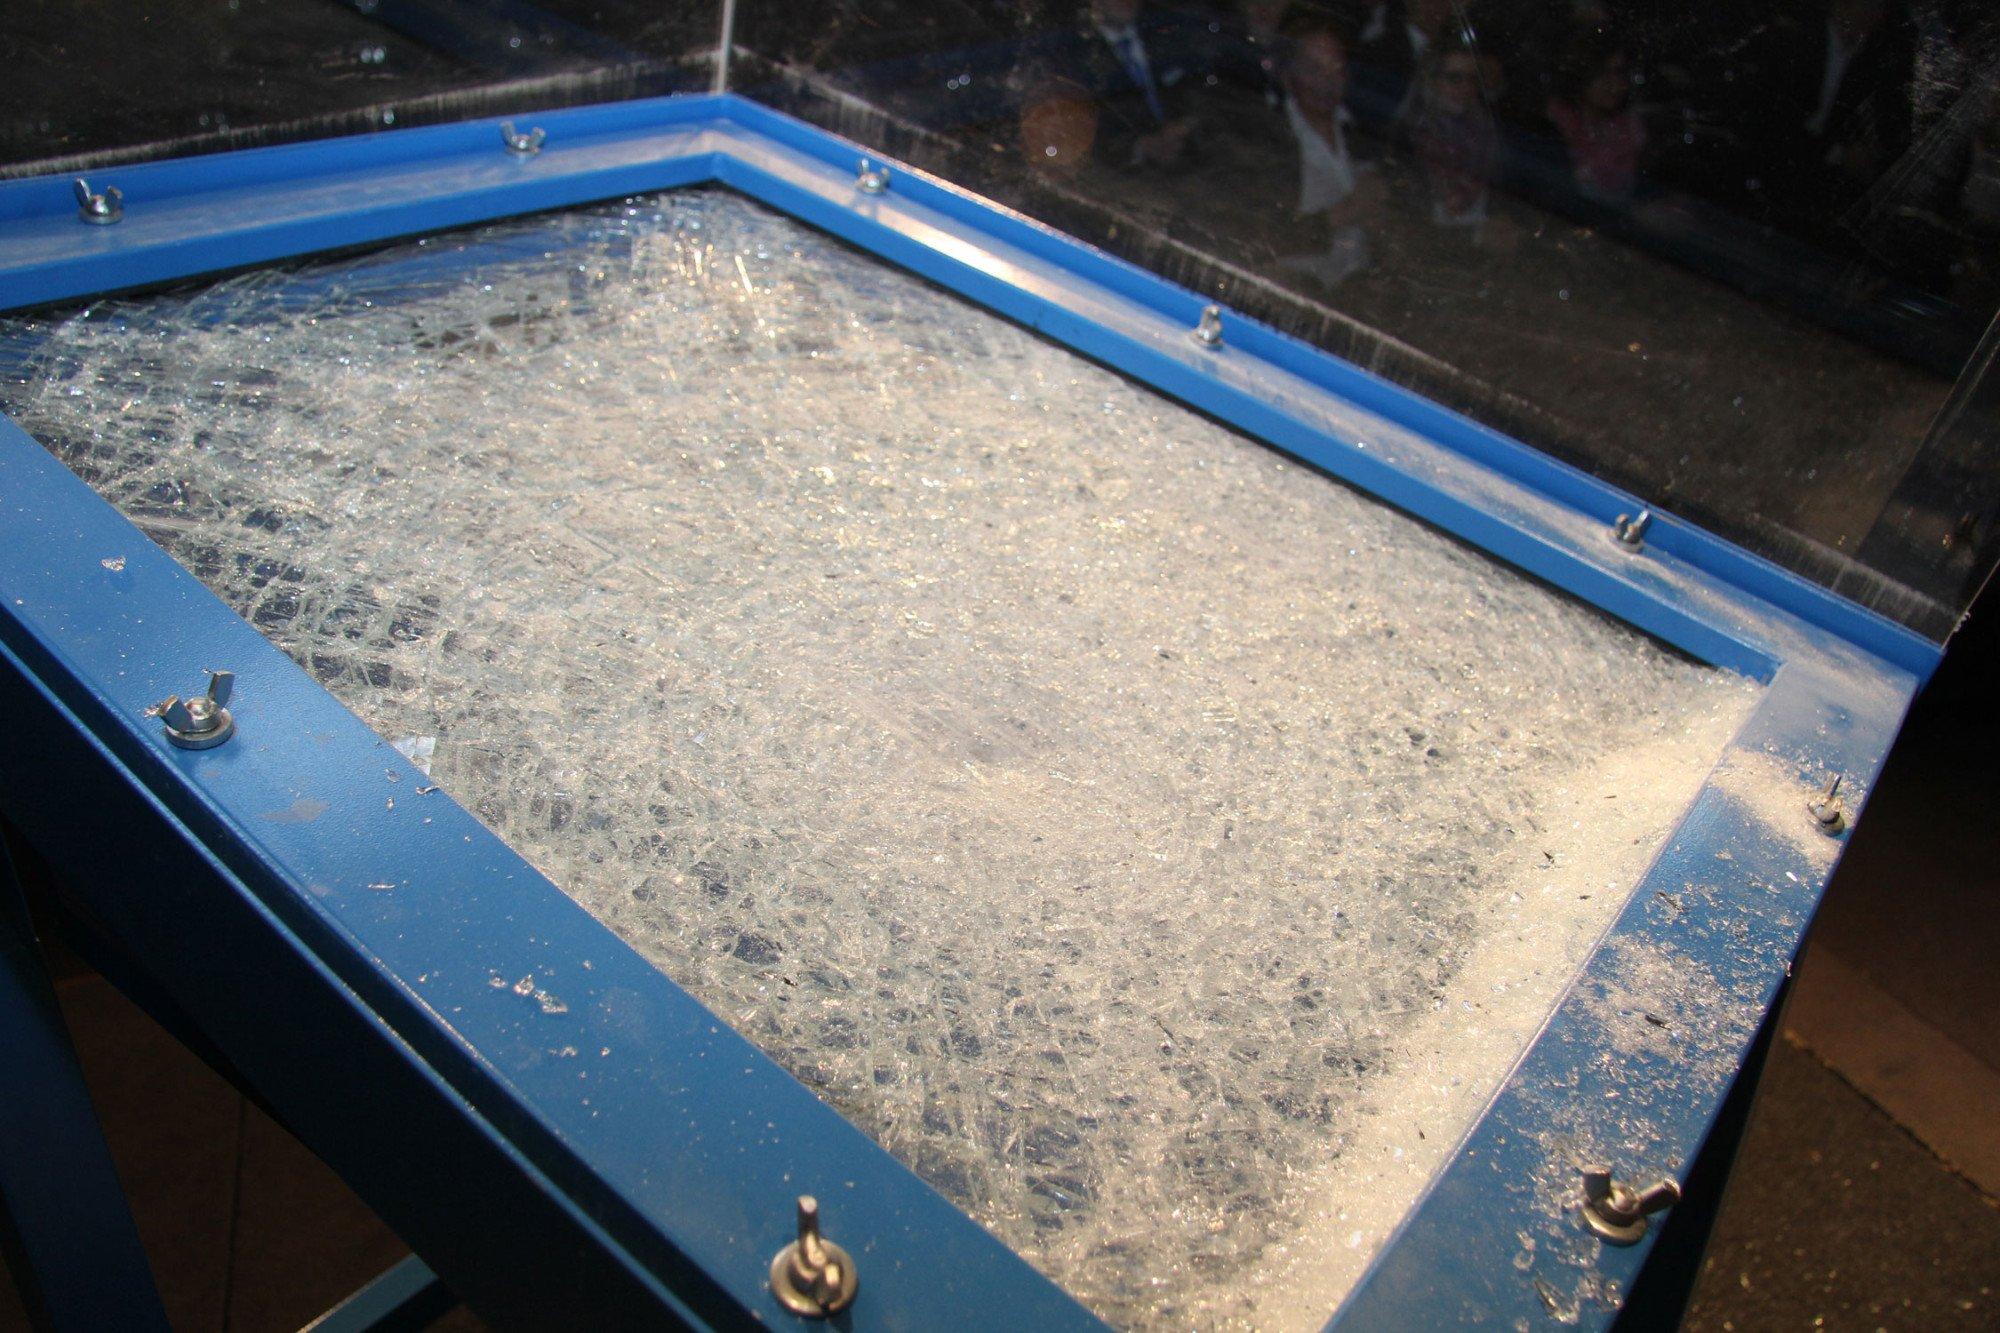 Umbau einer Tischlerwerkstatt in ein Drive-in-Loft   Glas   News ...